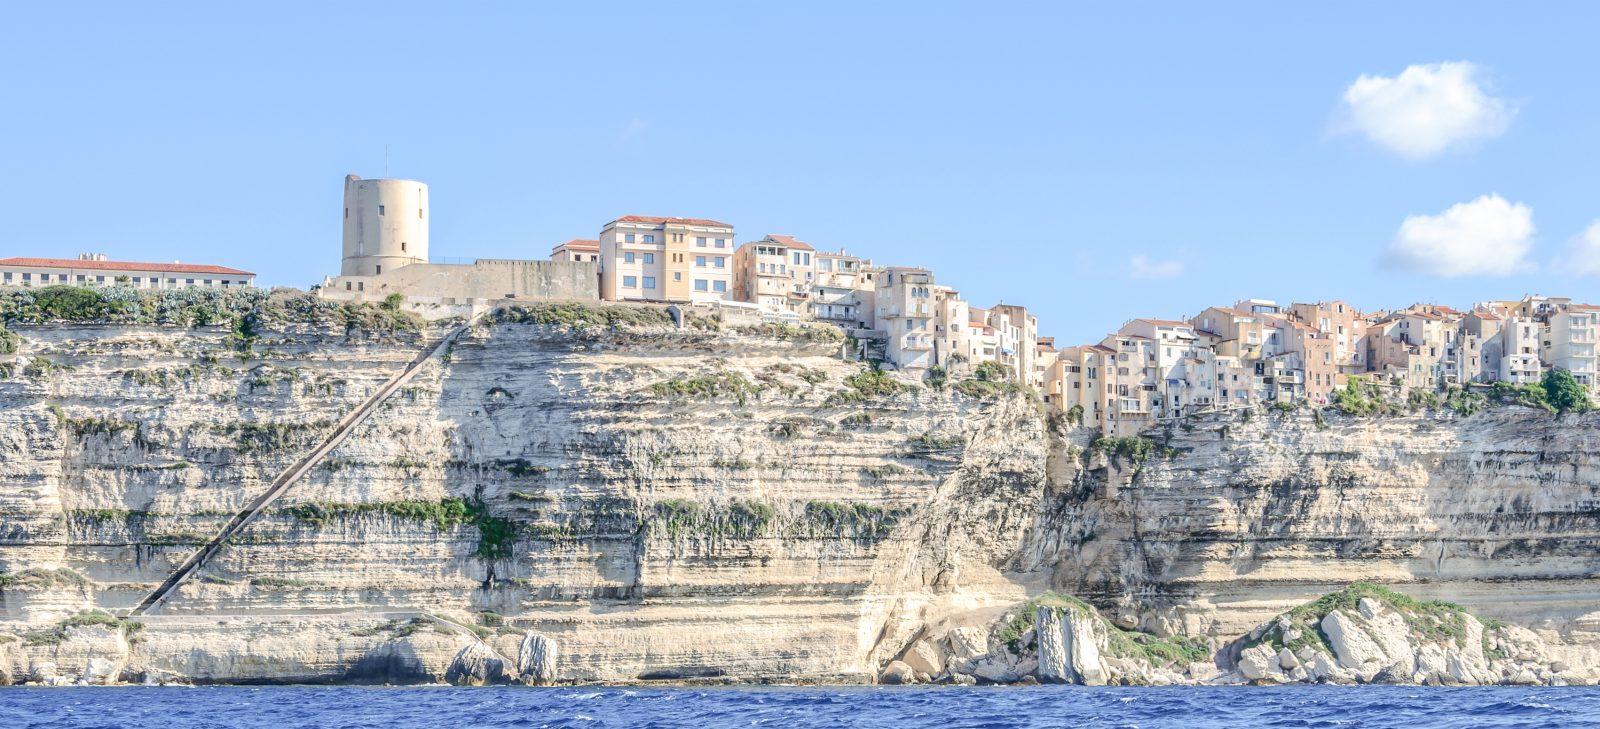 FMR_travelblog-Weekend-Bonifacio-Voyage-Corse-escalier-Aragon